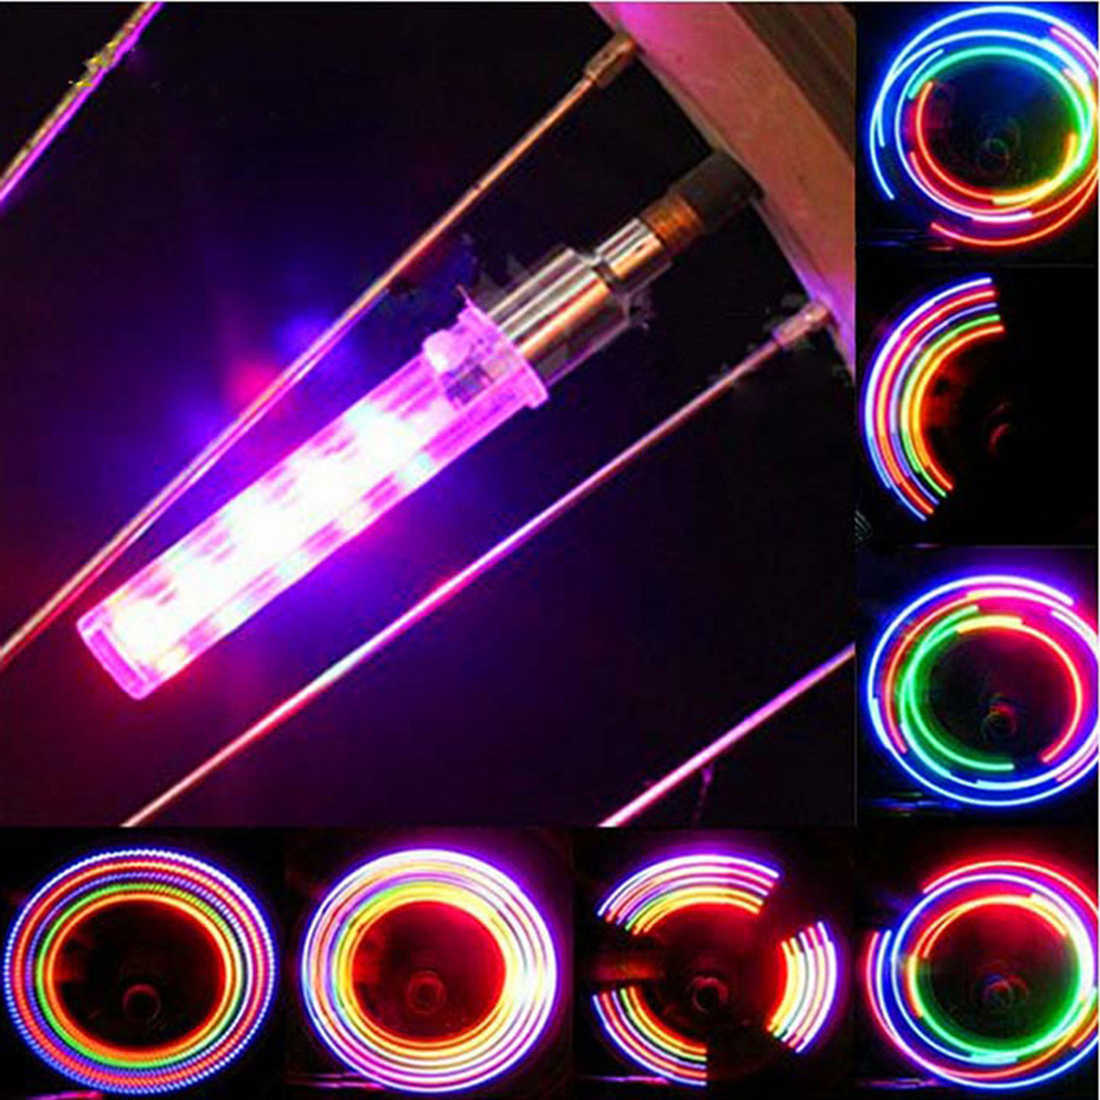 Прямая доставка, лидер продаж, 2 предмета, топ велосипедов клапан мотоцикла Кепки флэш светодиодный свет светодиодный колпачок для клапанов с 5 светодиодный лампы Высокое качество